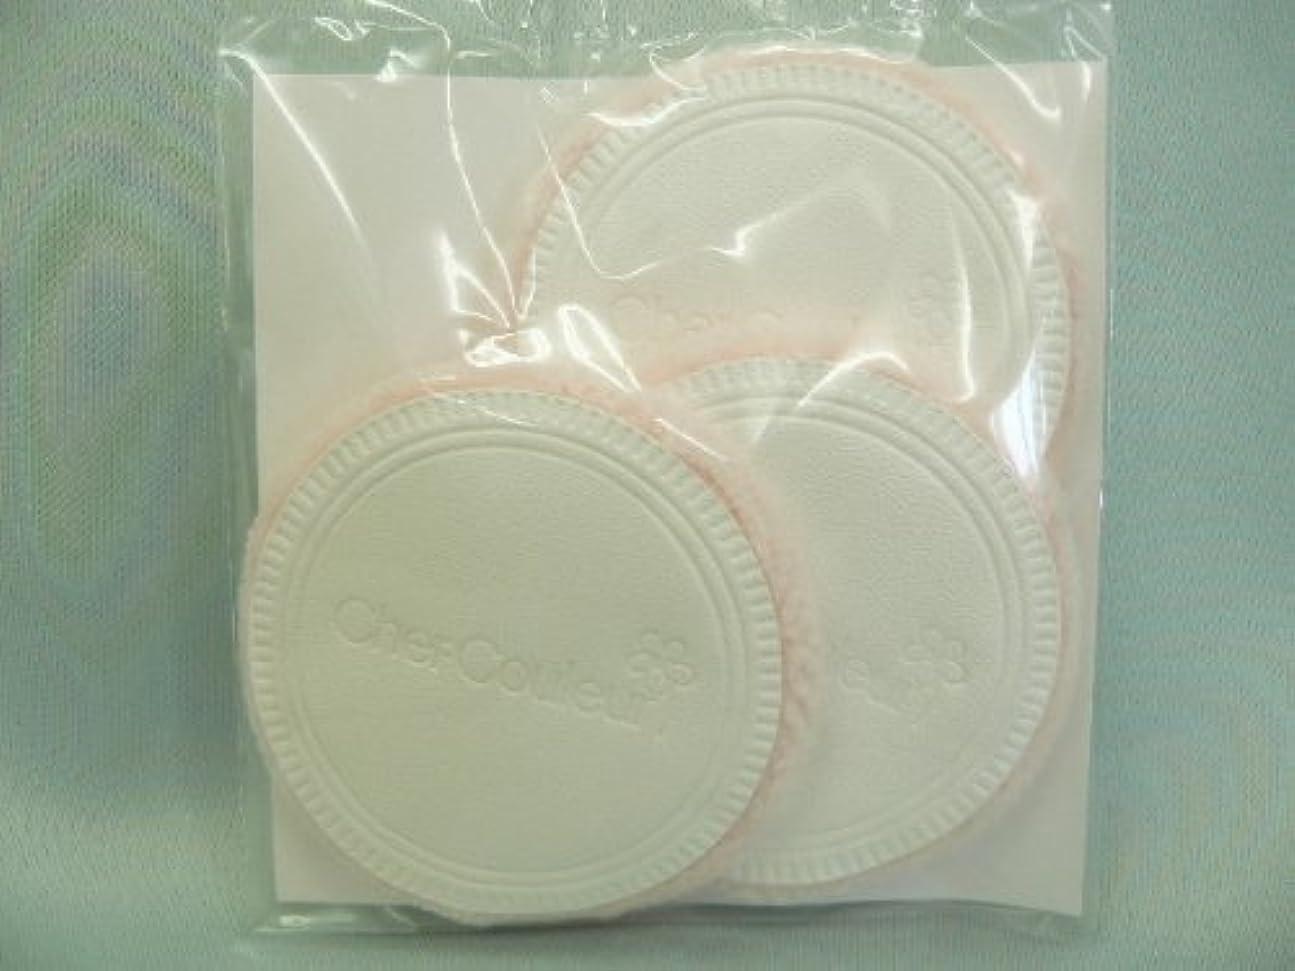 強度興奮する労苦シェルクルール化粧品プロテクトパウダー専用ケース(パフ付き)